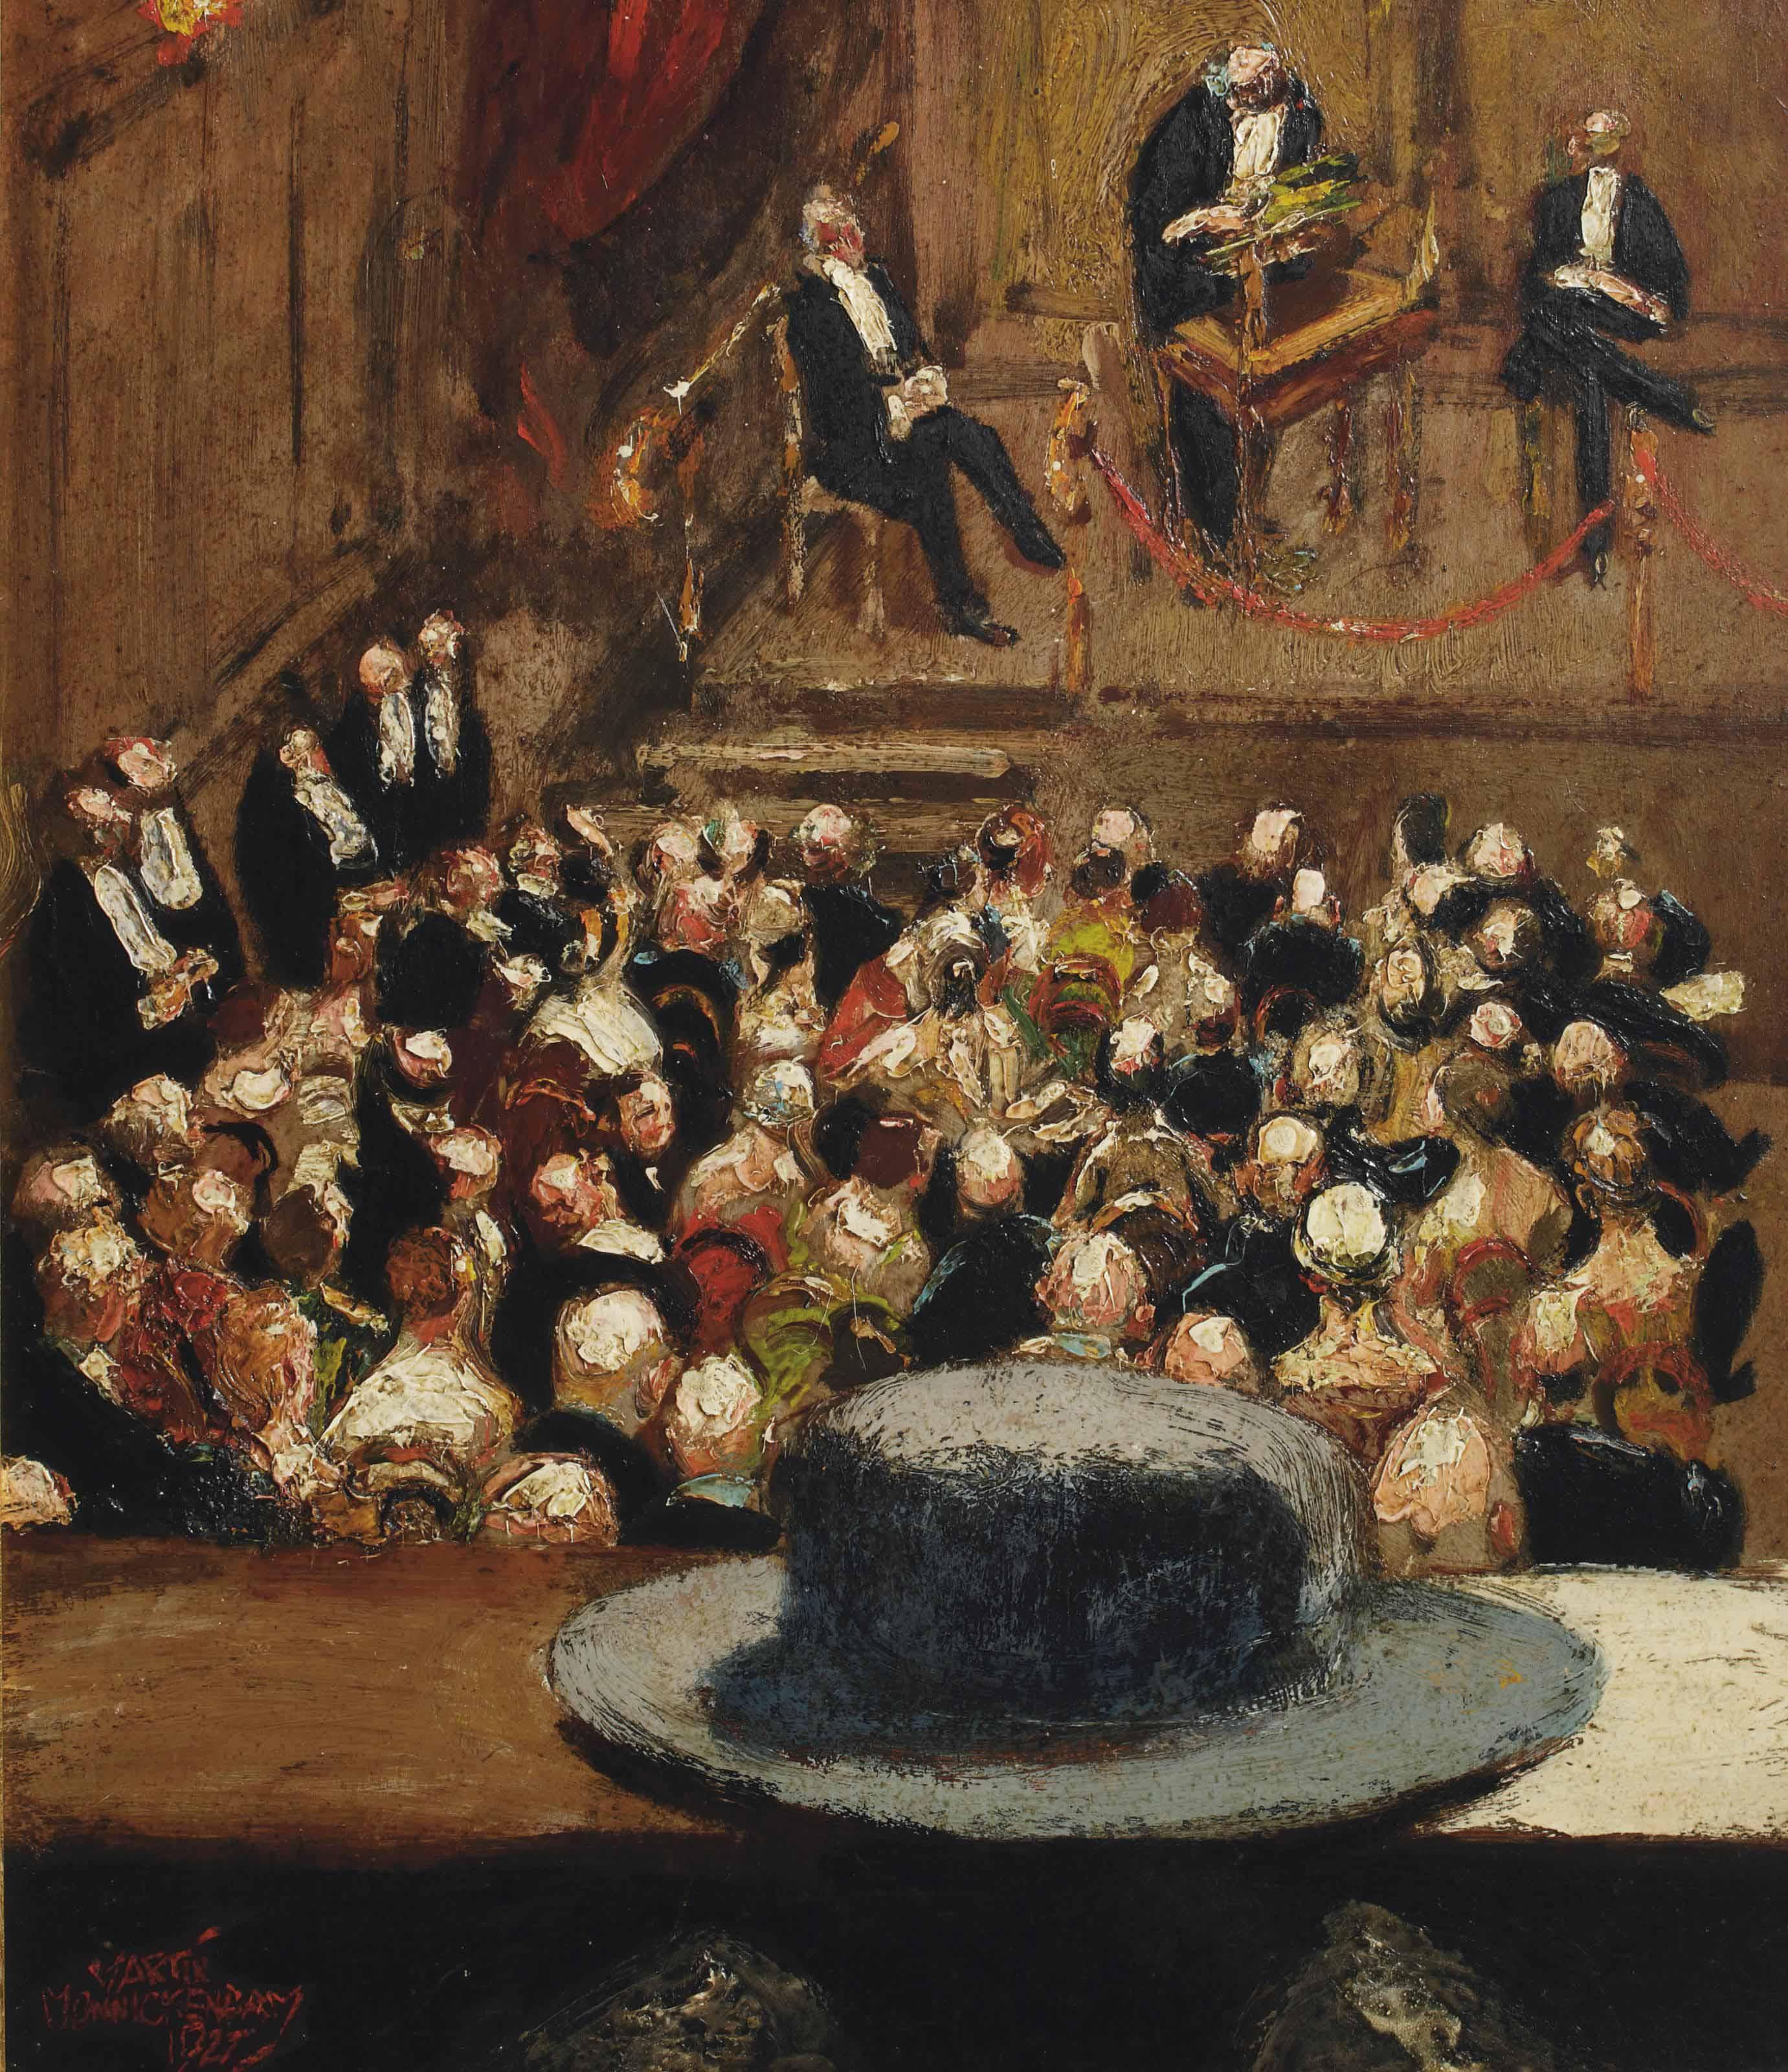 Lezing in het Koloniaal Museum, Haarlem; lecture